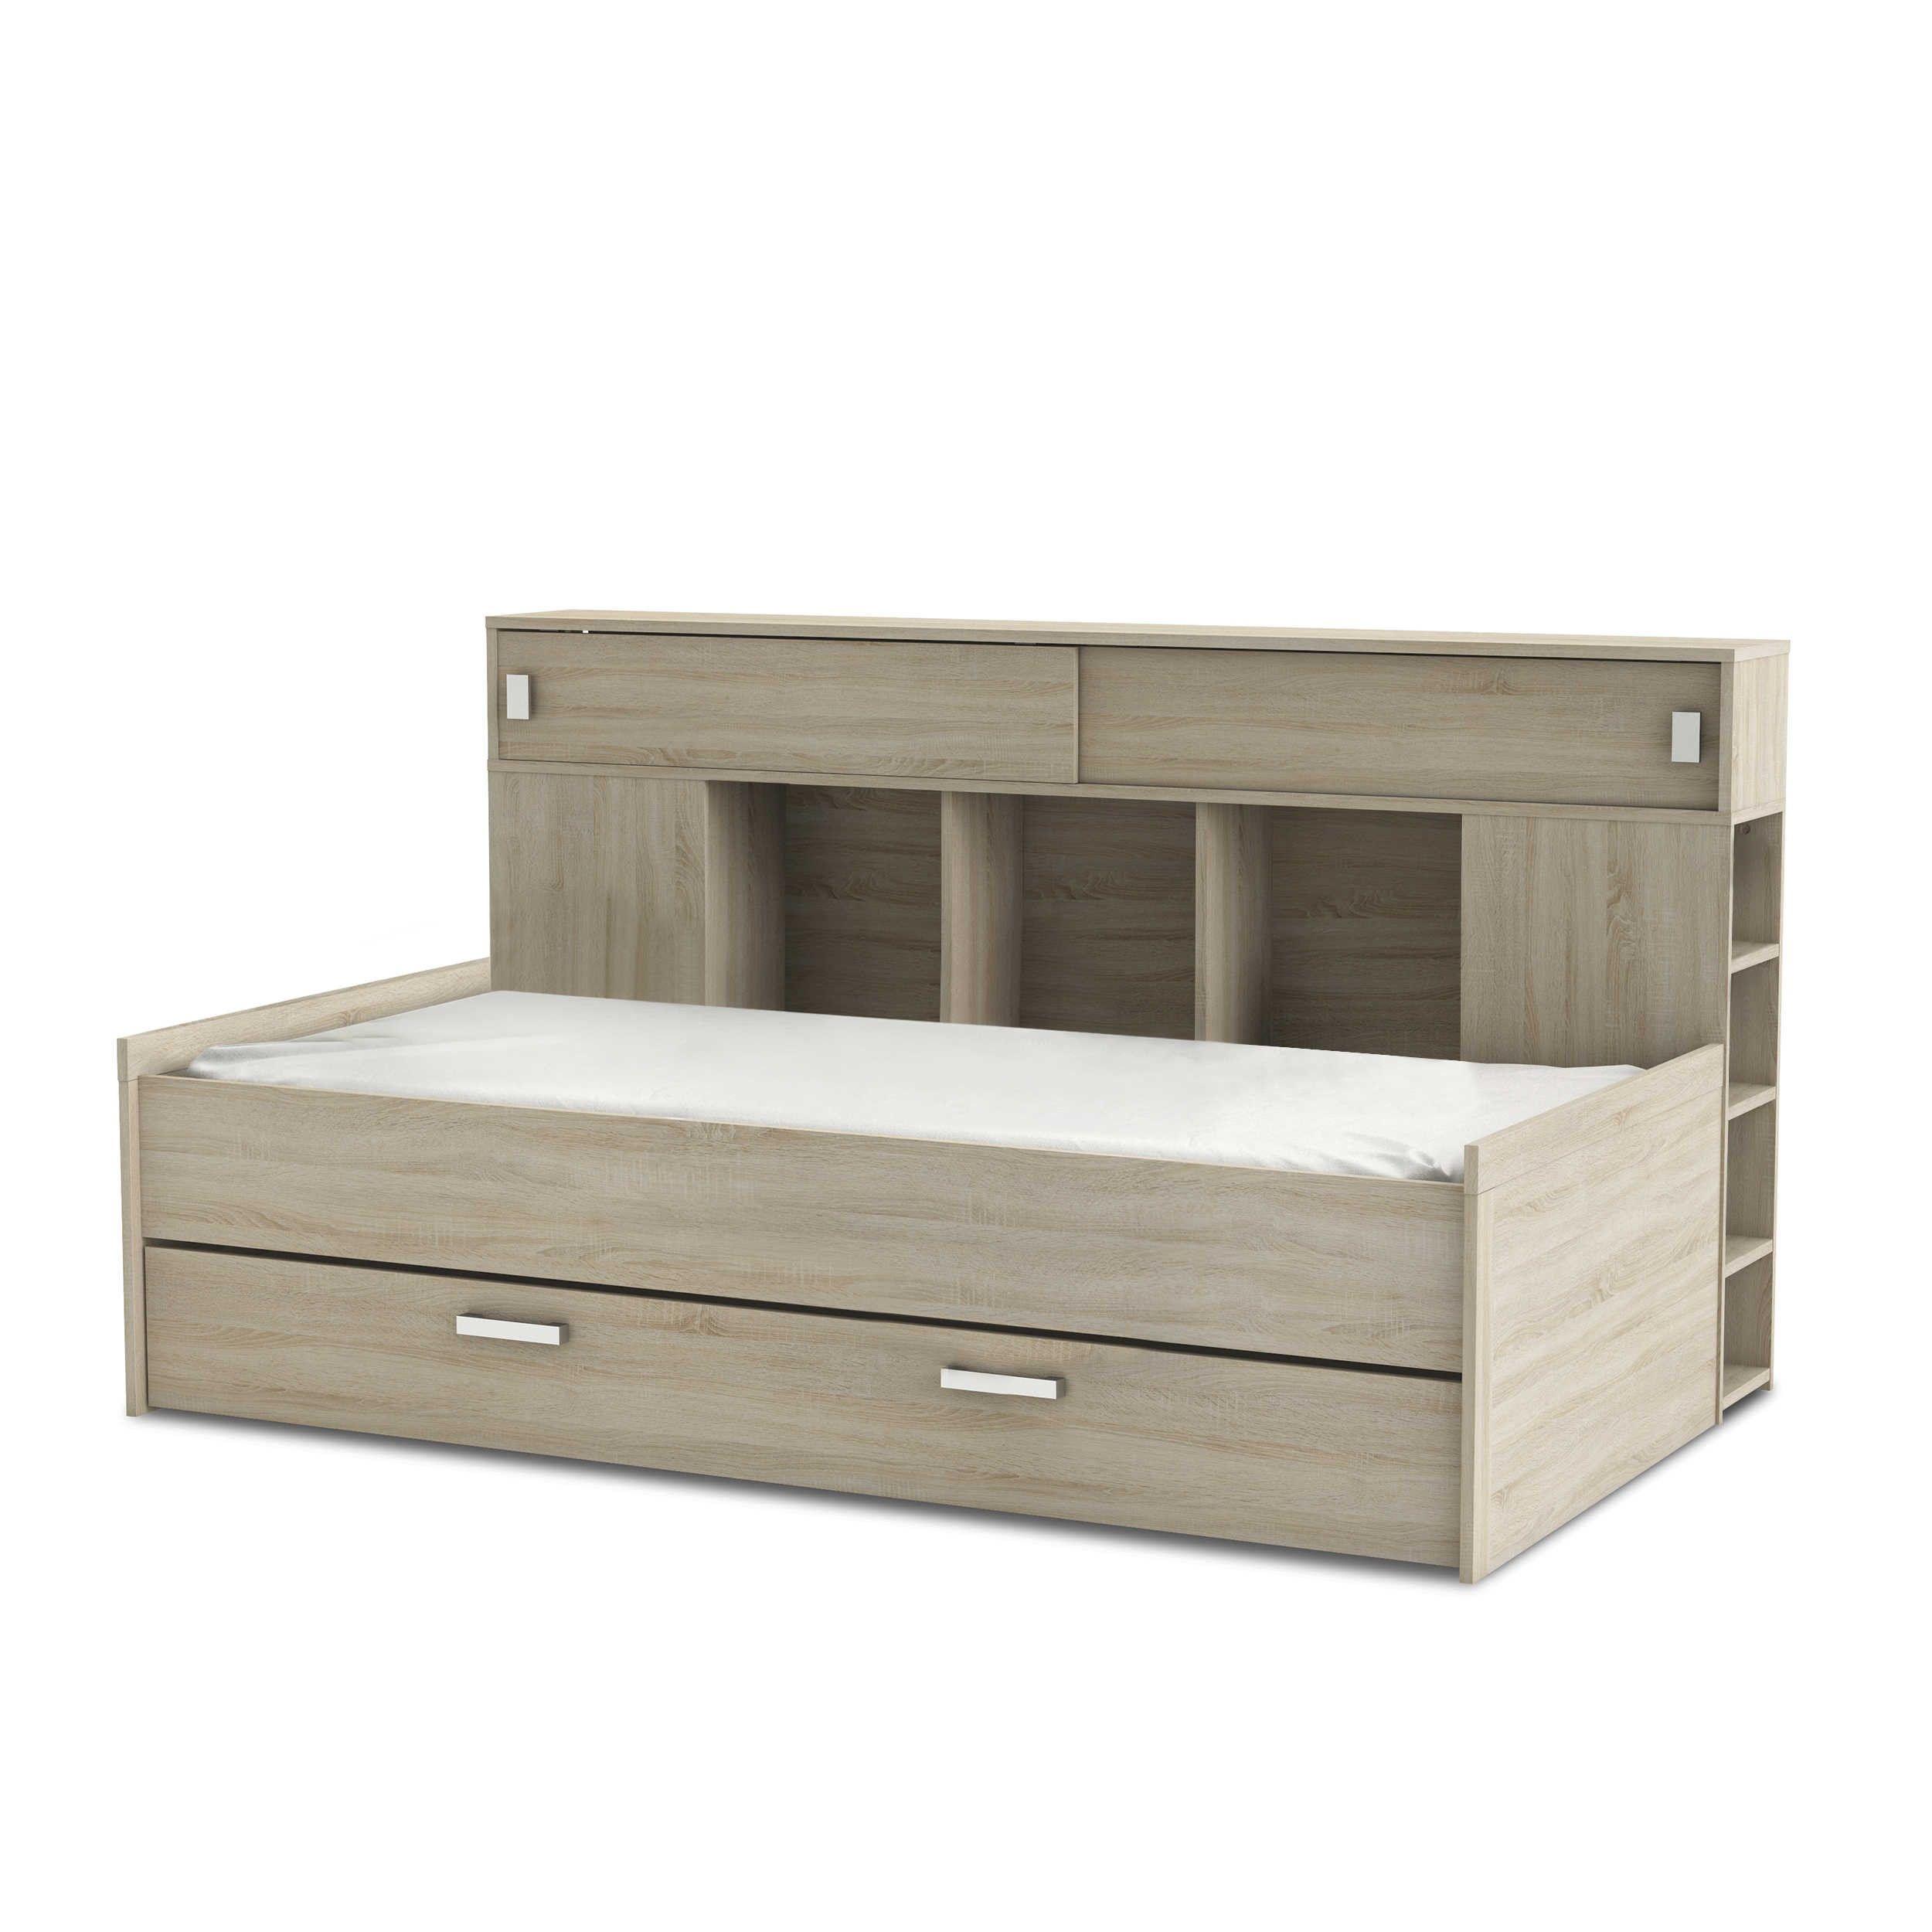 funktionsbett sherwood 90 x 200 cm jugend kinderbetten jugend kinderzimmer m bel. Black Bedroom Furniture Sets. Home Design Ideas